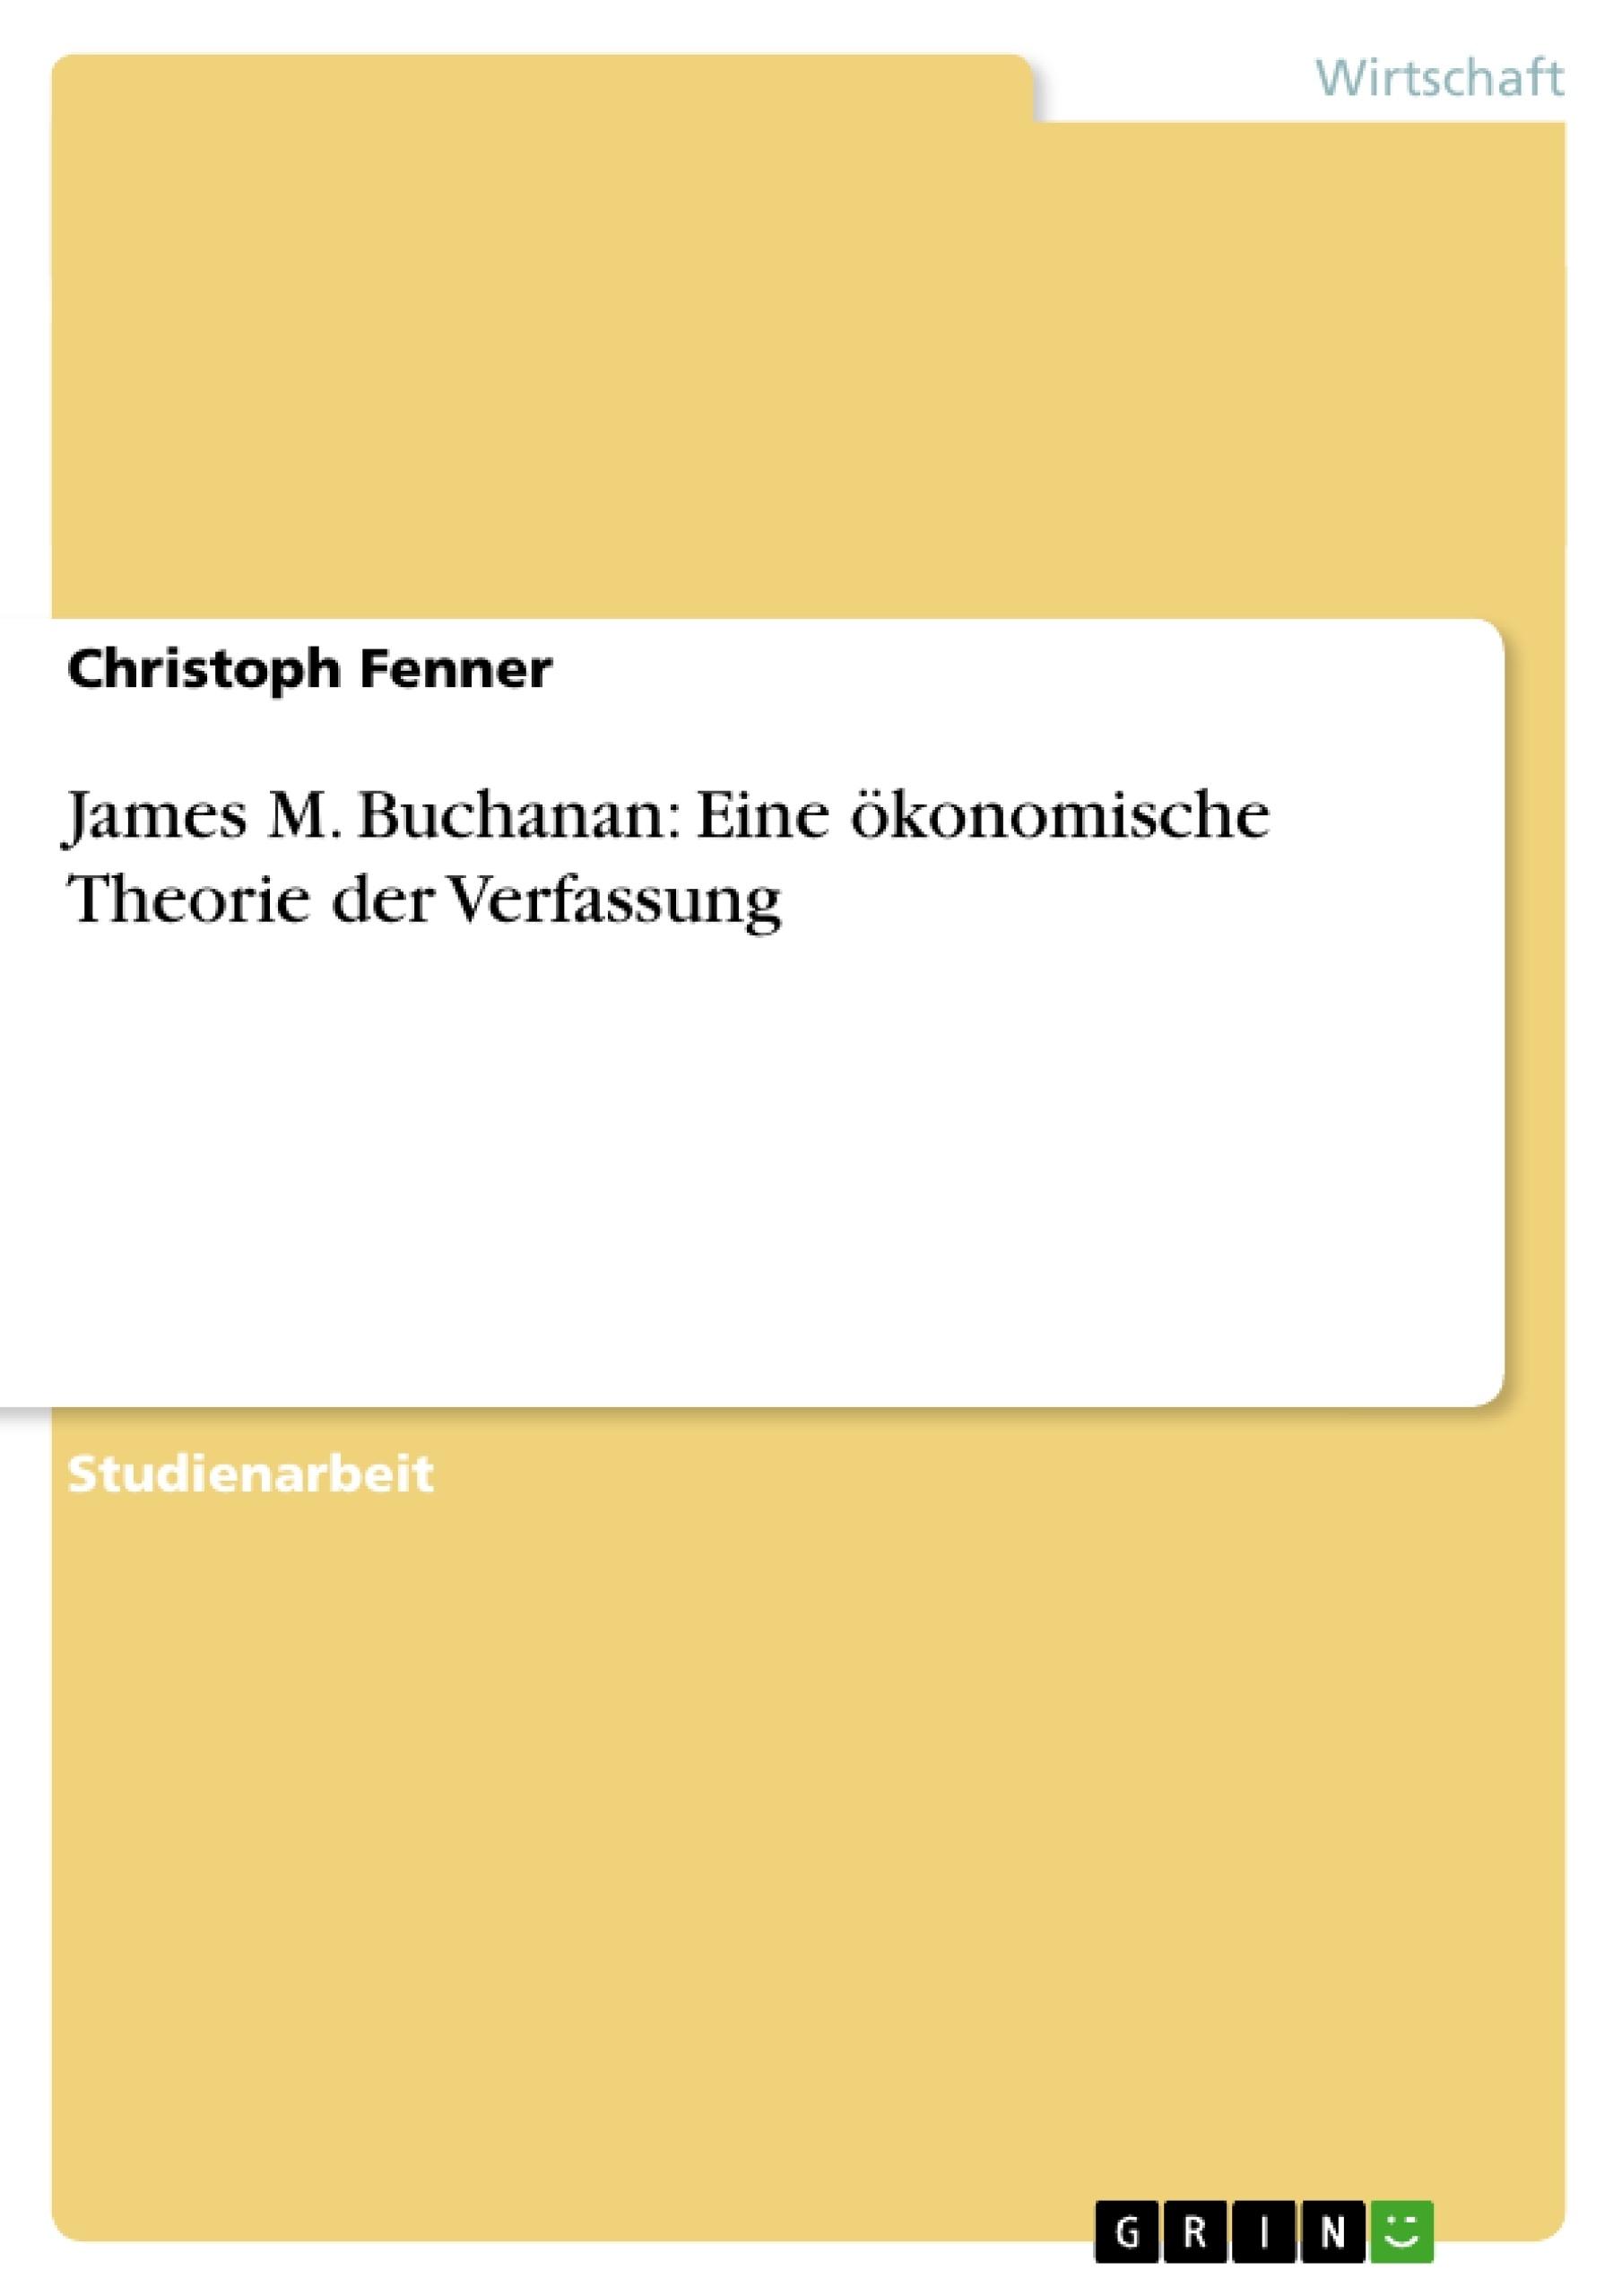 Titel: James M. Buchanan: Eine ökonomische Theorie der Verfassung